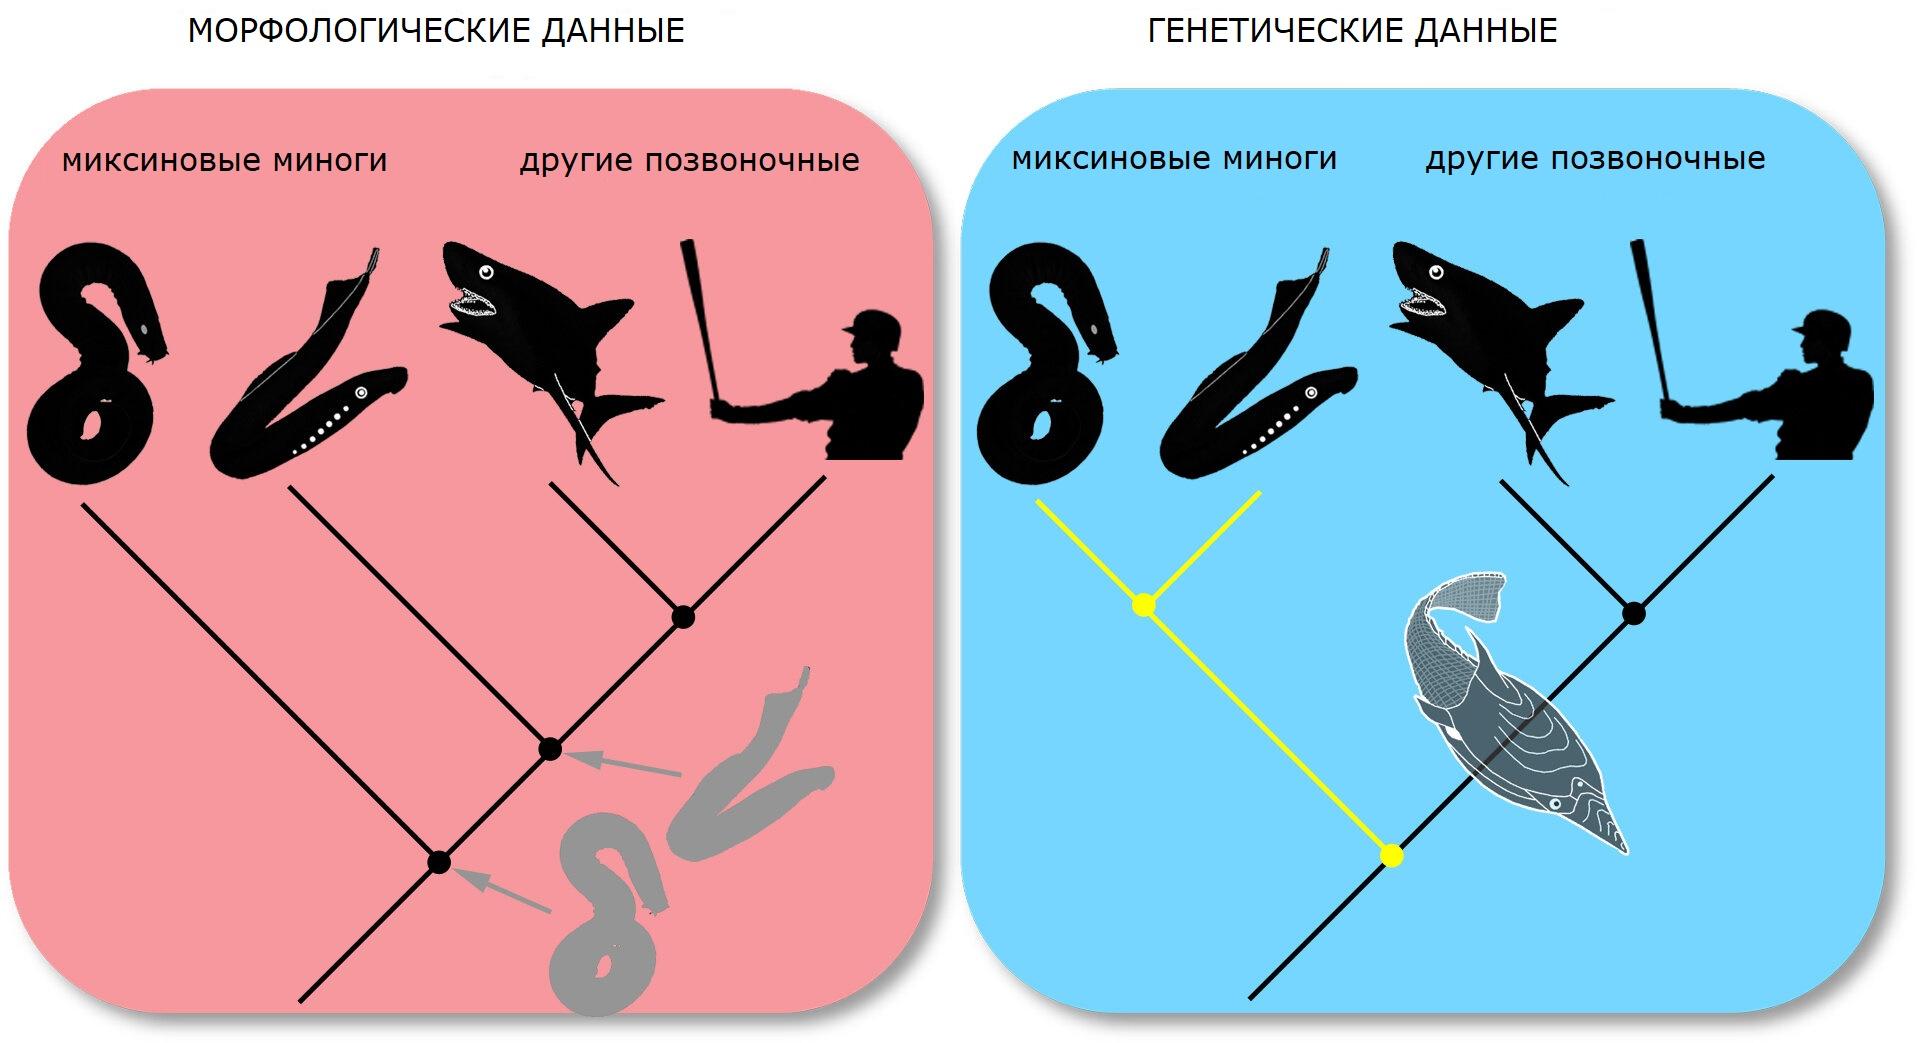 Две конкурирующие концепции эволюционного древа позвоночных.